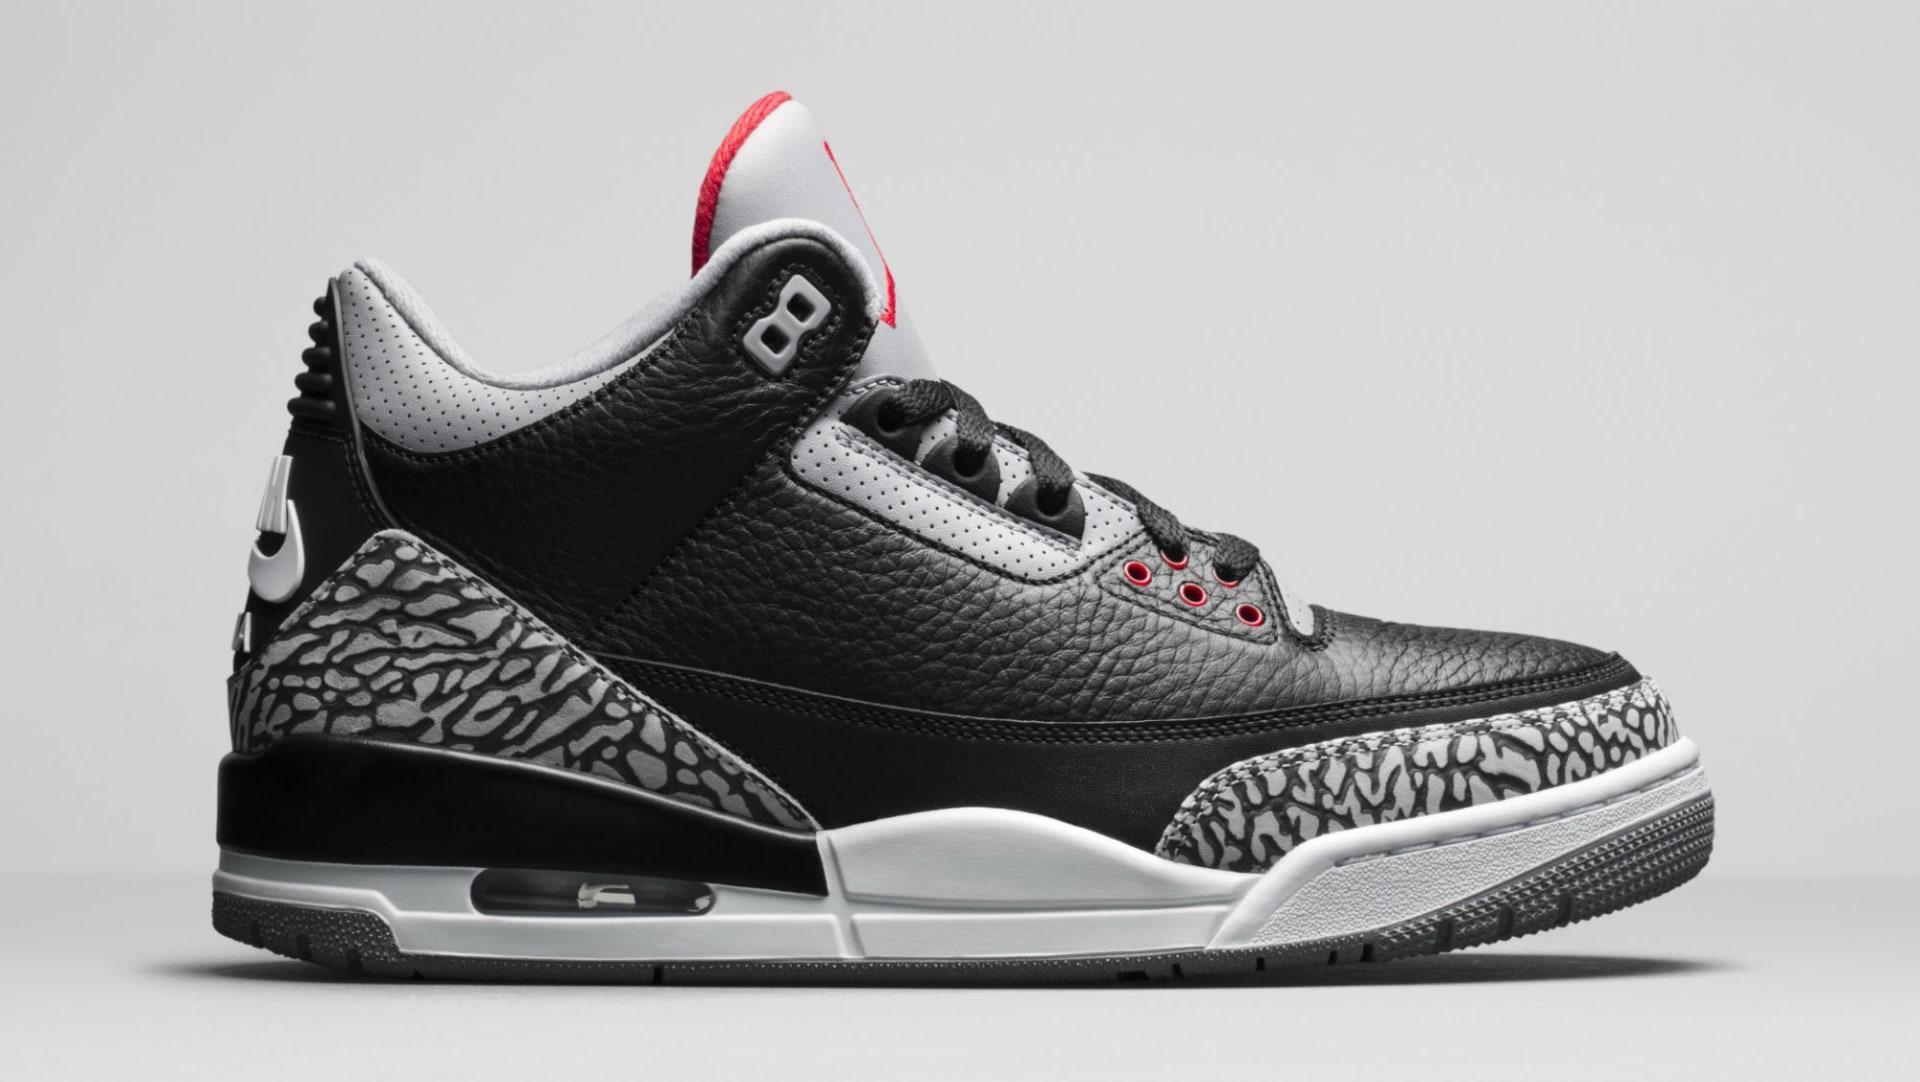 eaf4be32844b Air Jordan 3 III Black Cement Release Date 854262-001